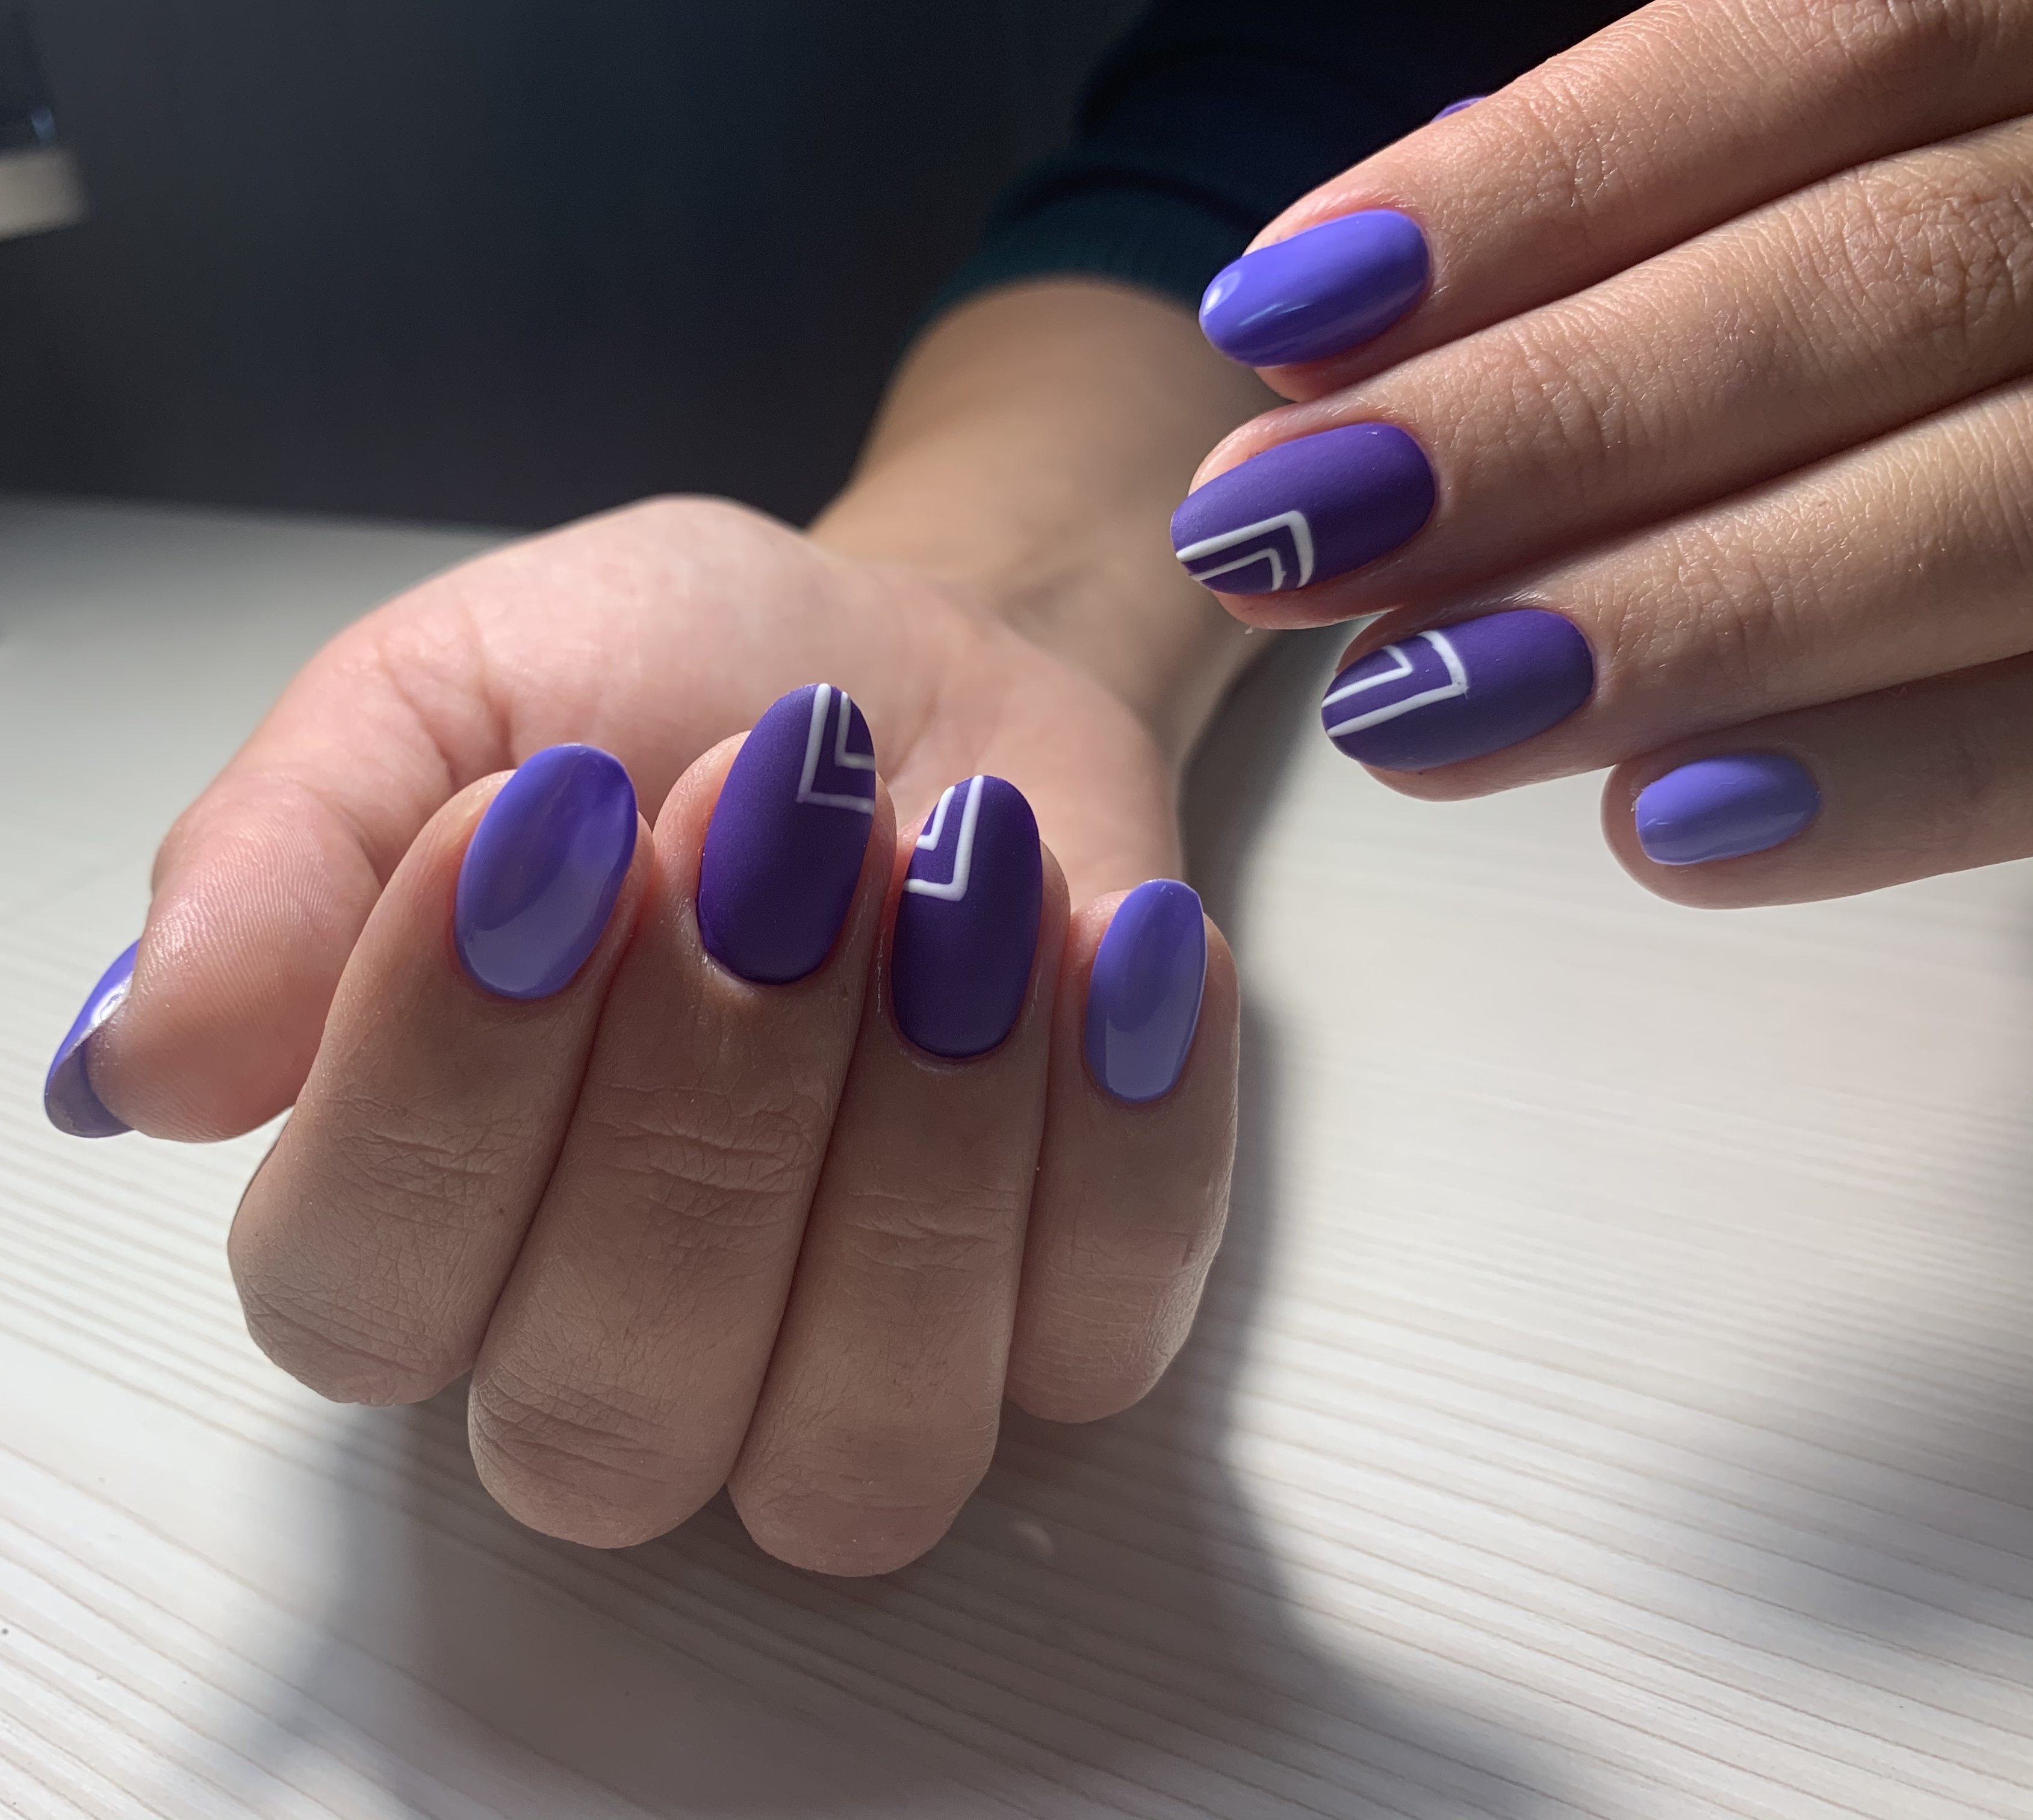 Маникюр в фиолетовом цвете с матовым геометрическим рисунком.